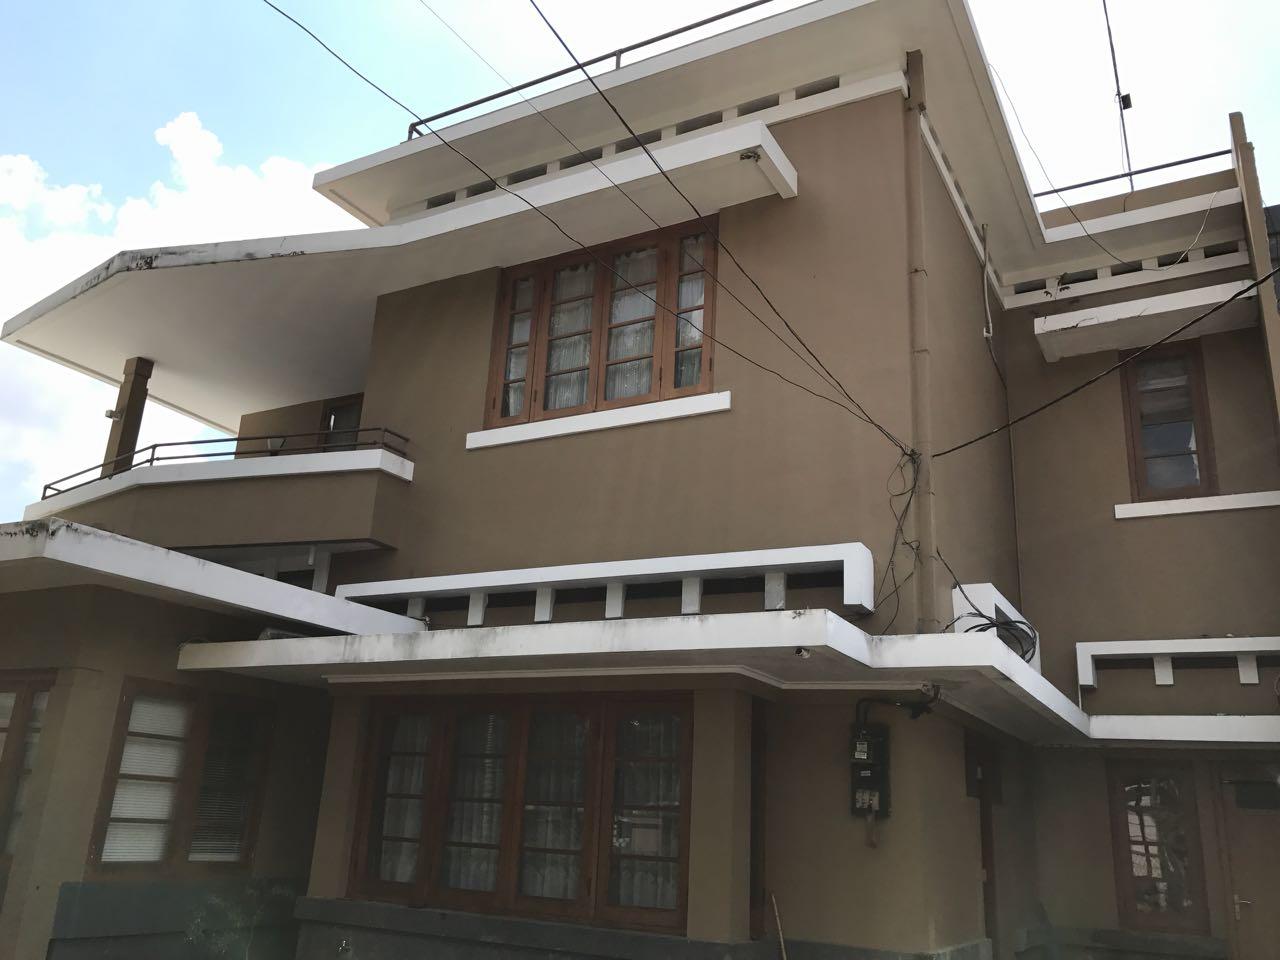 For Sale : Rumah Siap Huni di Jl Prambanan, Menteng, Jakarta Pusat